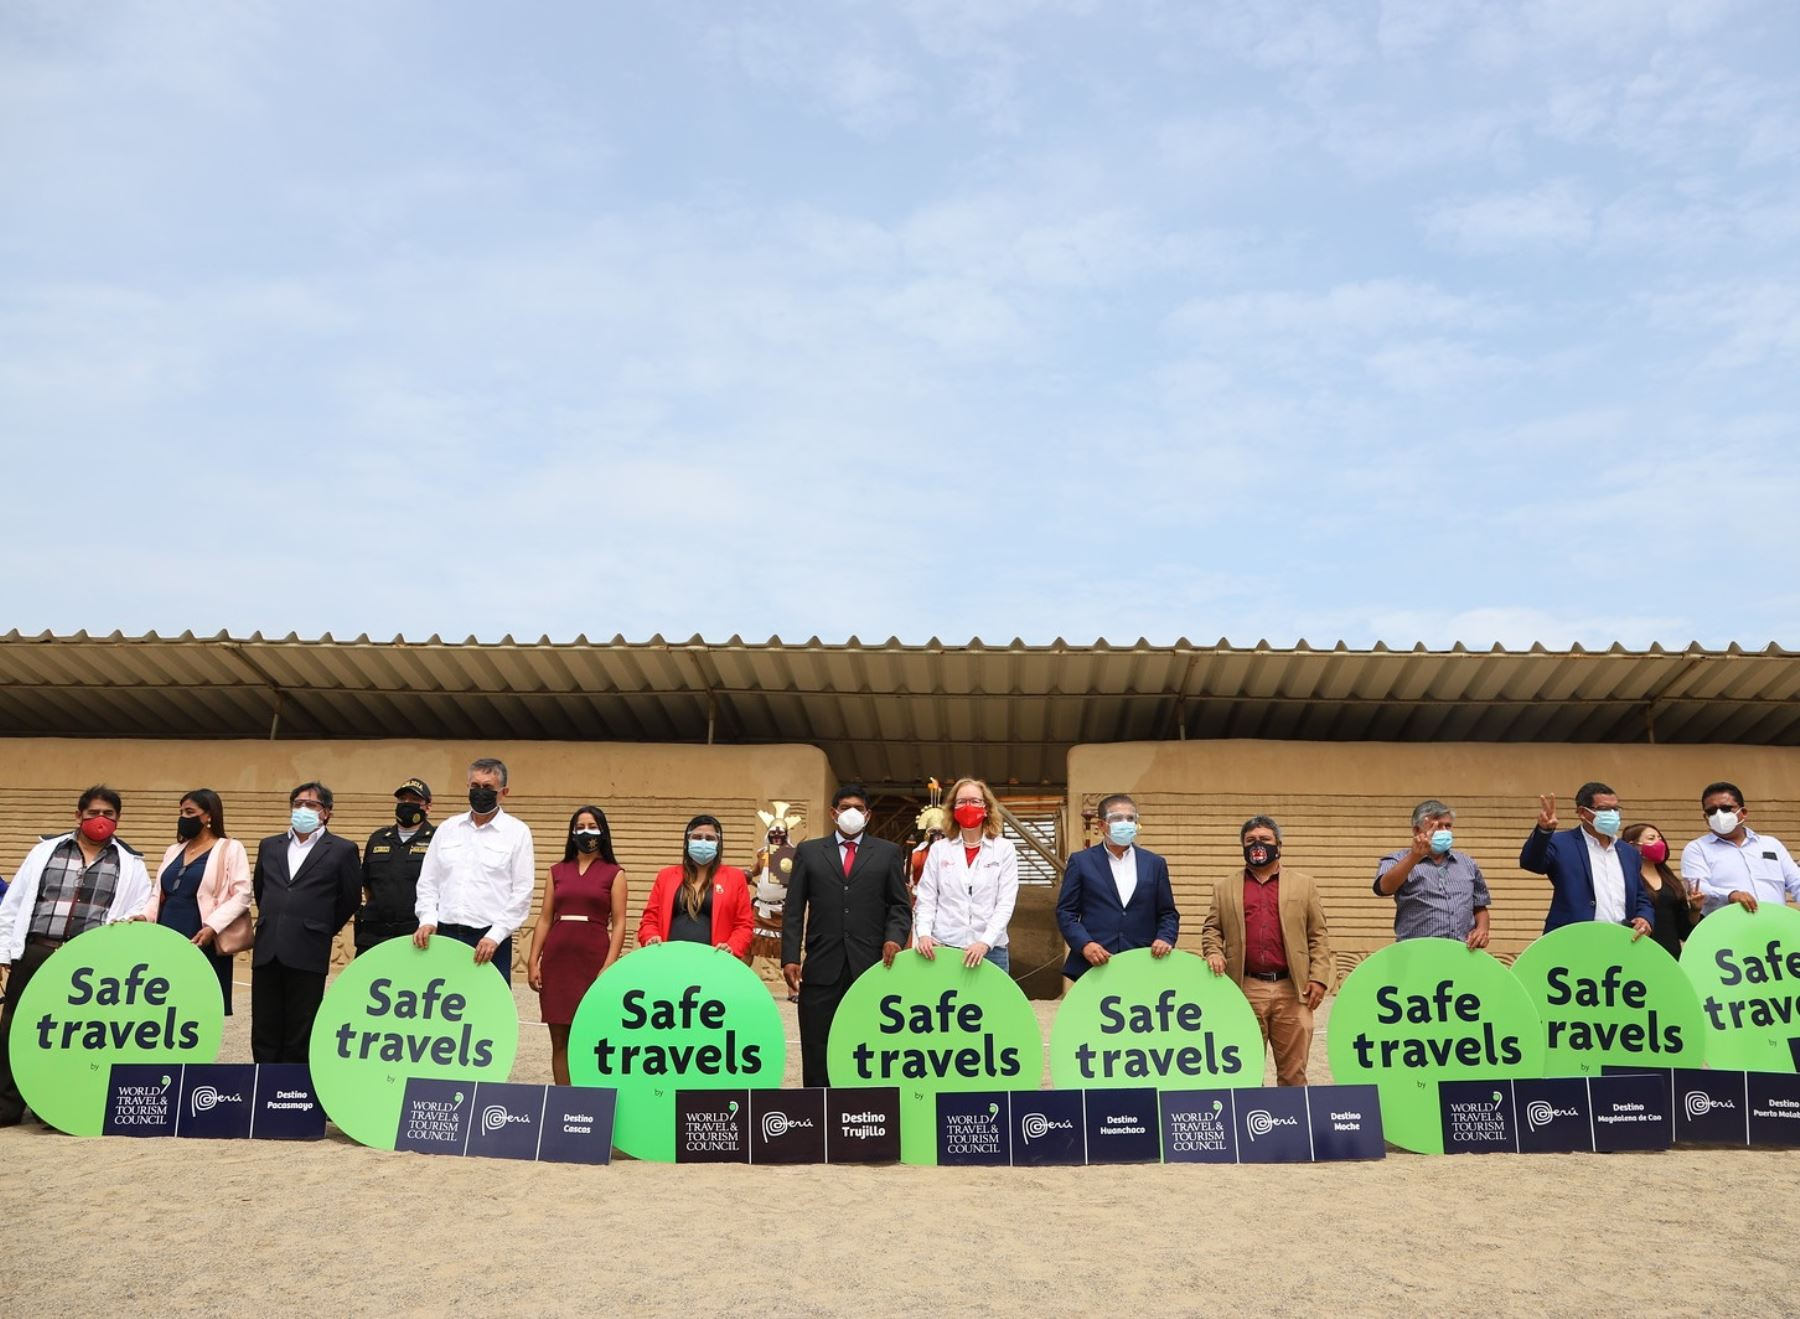 Trujillo, Huanchaco, Malabrigo y otros cinco destinos de La Libertad son ahora destinos seguros para el turismo al recibir el distintivo Safe Travels otorgado por el Mincetur.